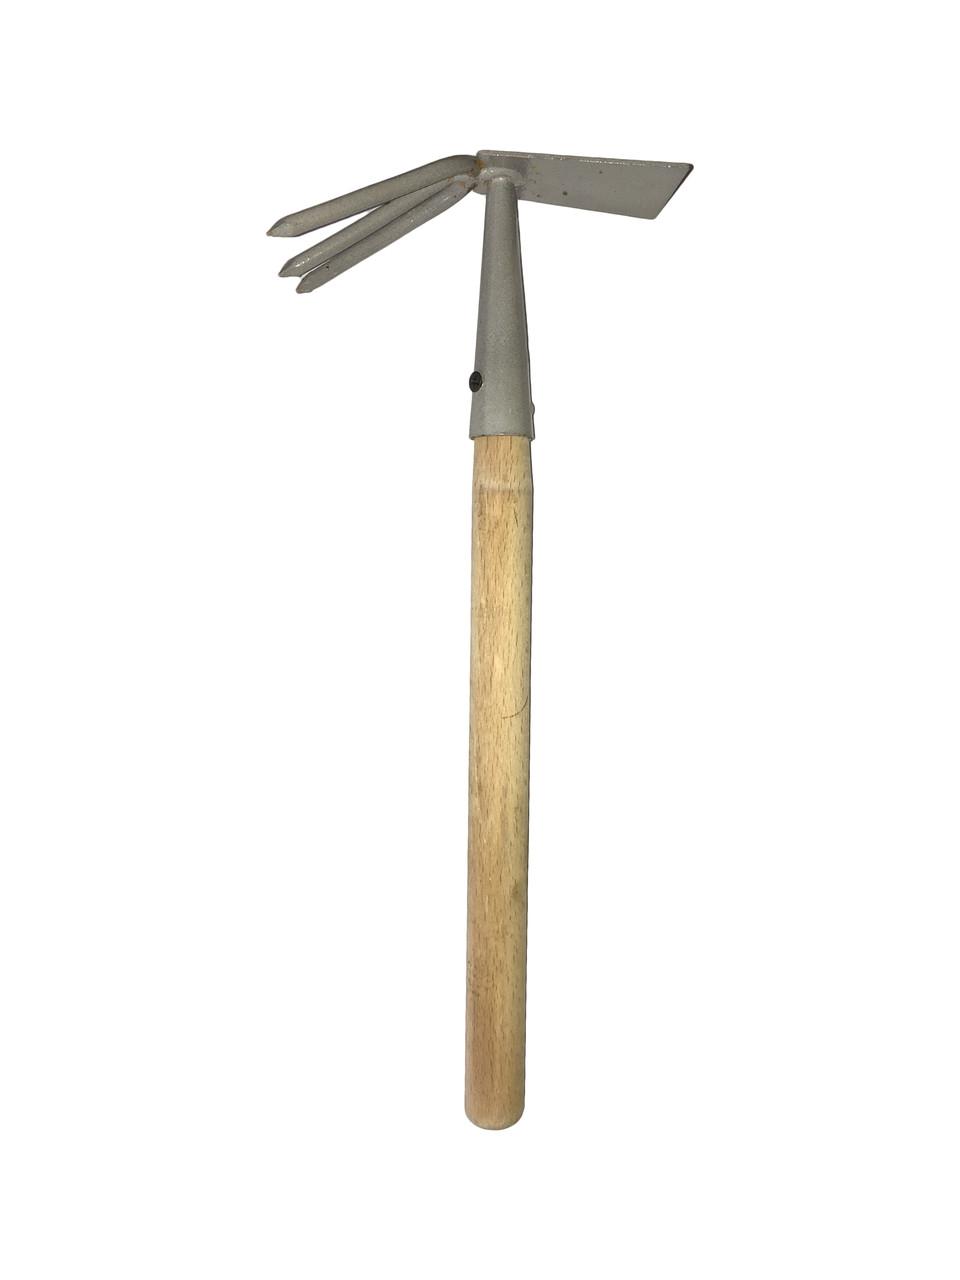 """Кирка-мотыга, сапка , полевая, комбинированная,  """"Хозряд"""" для сада."""